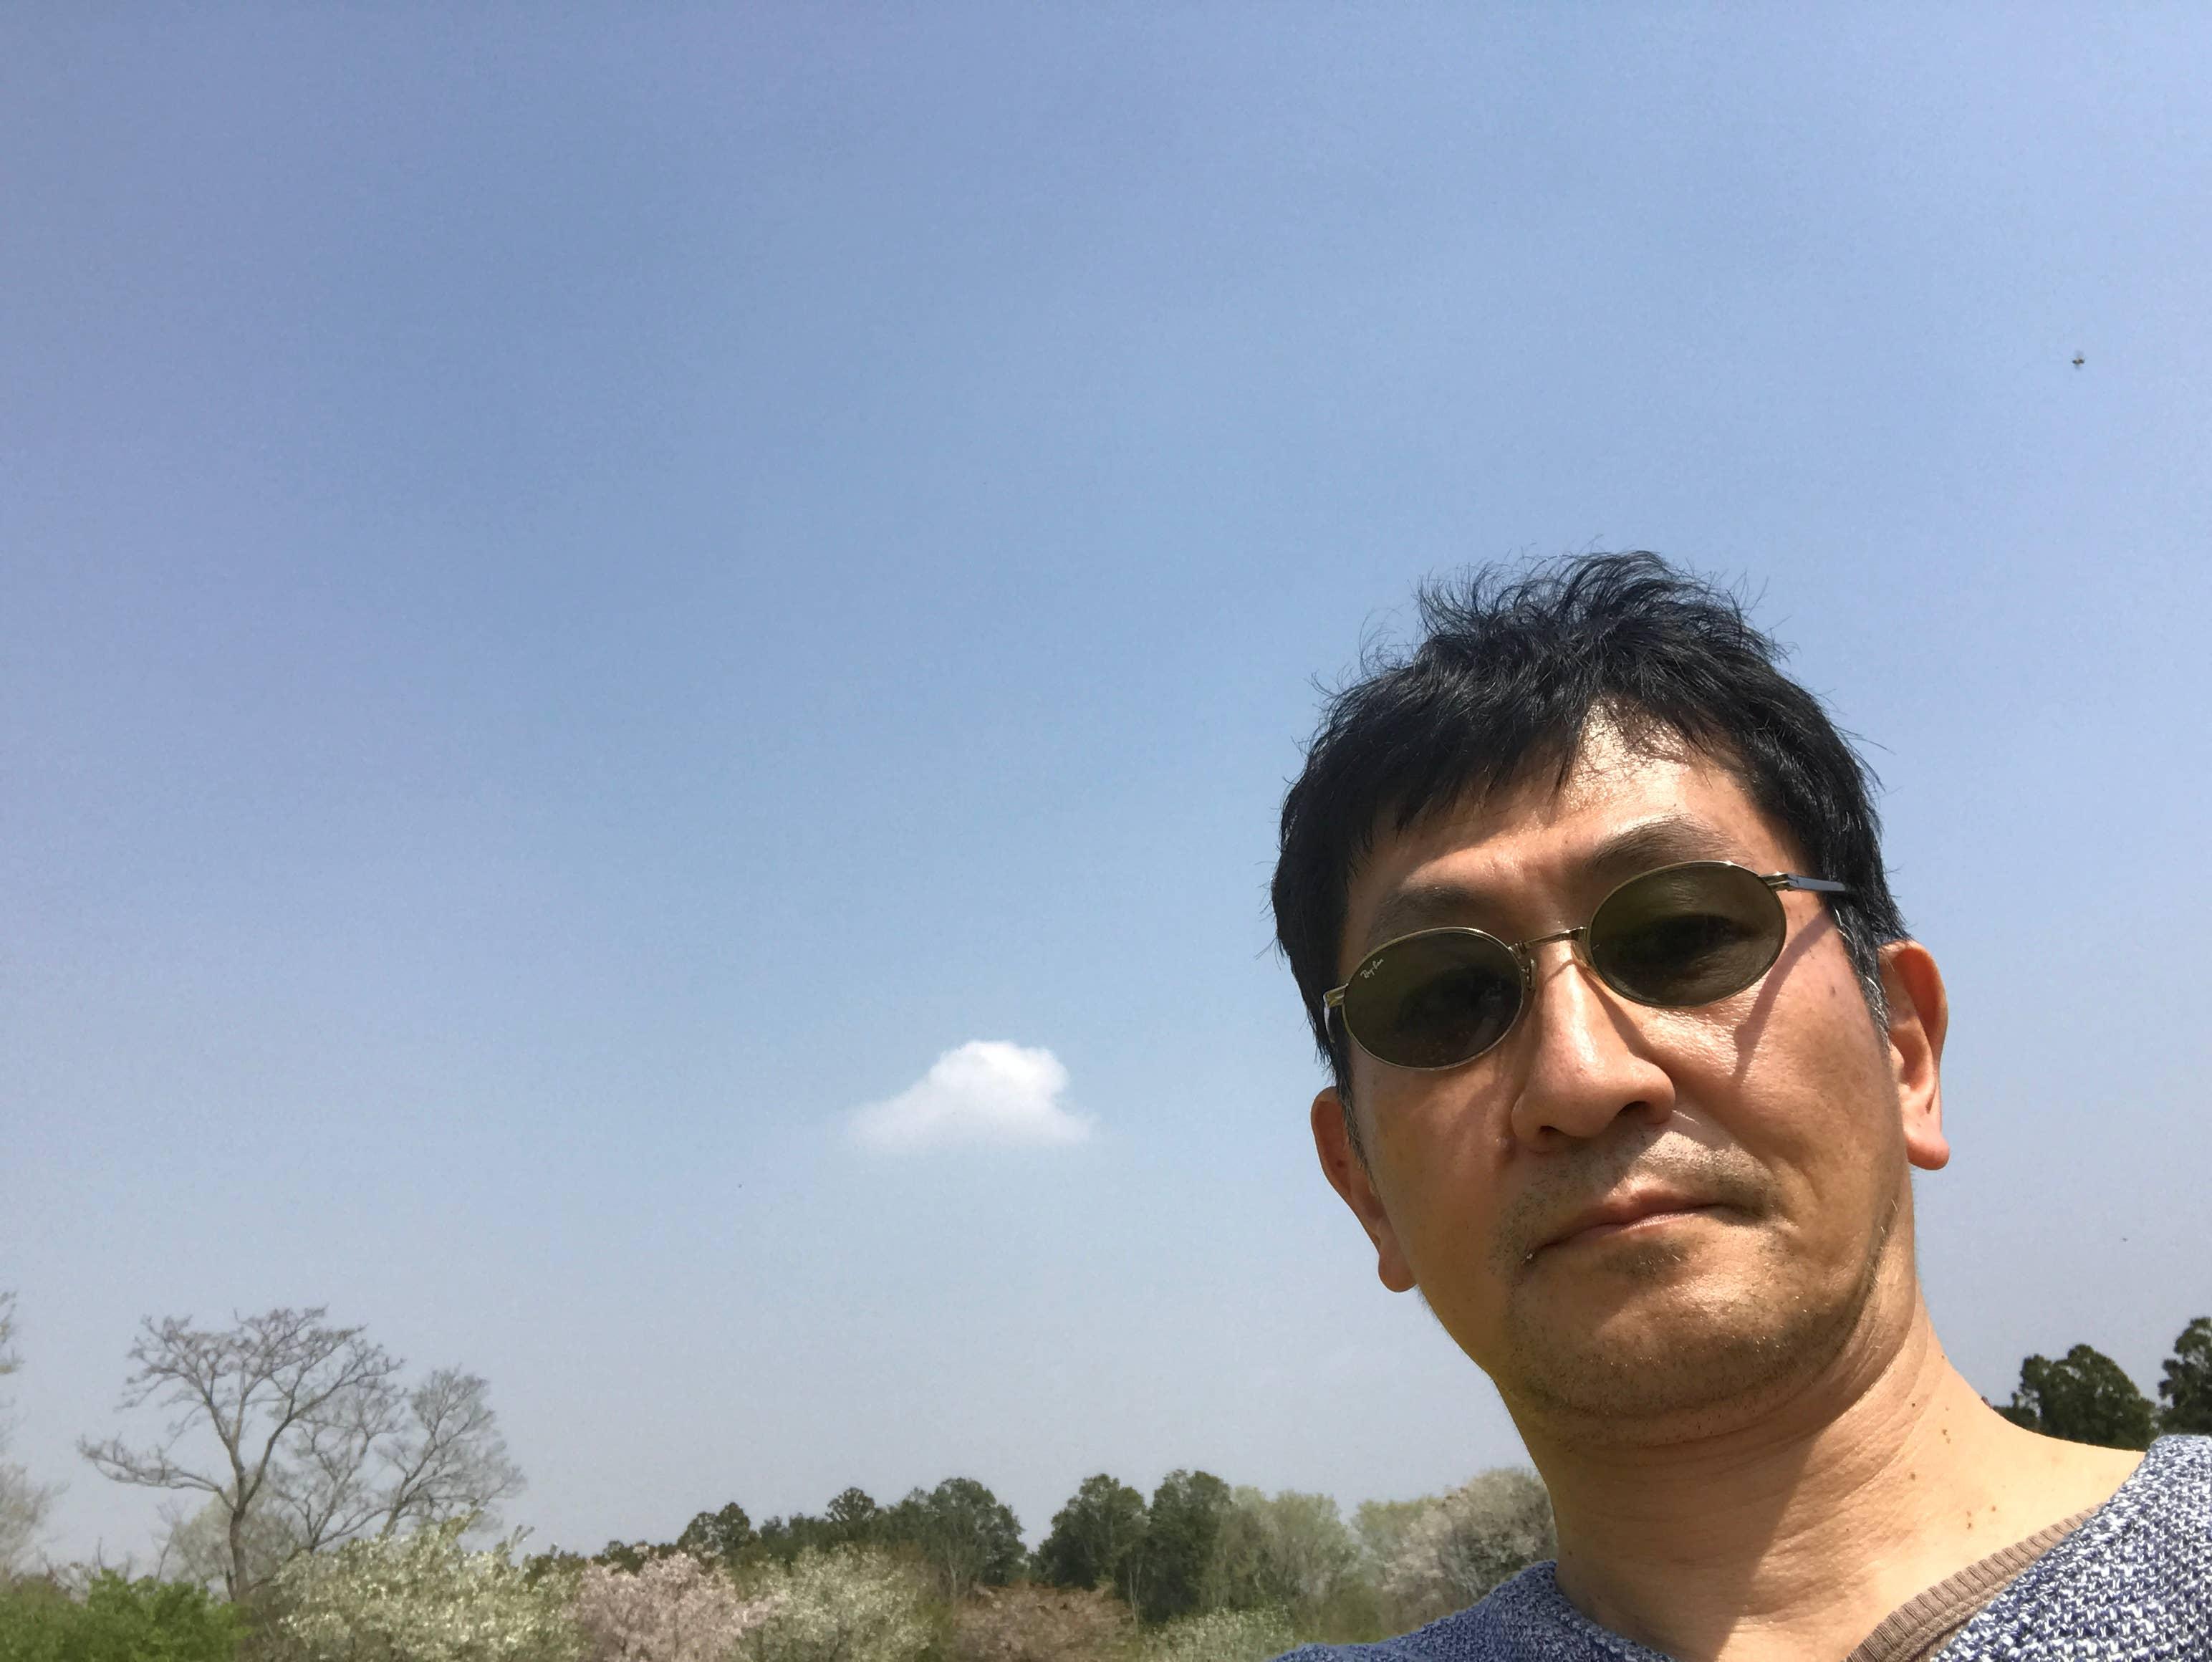 Taisuke Sugawara